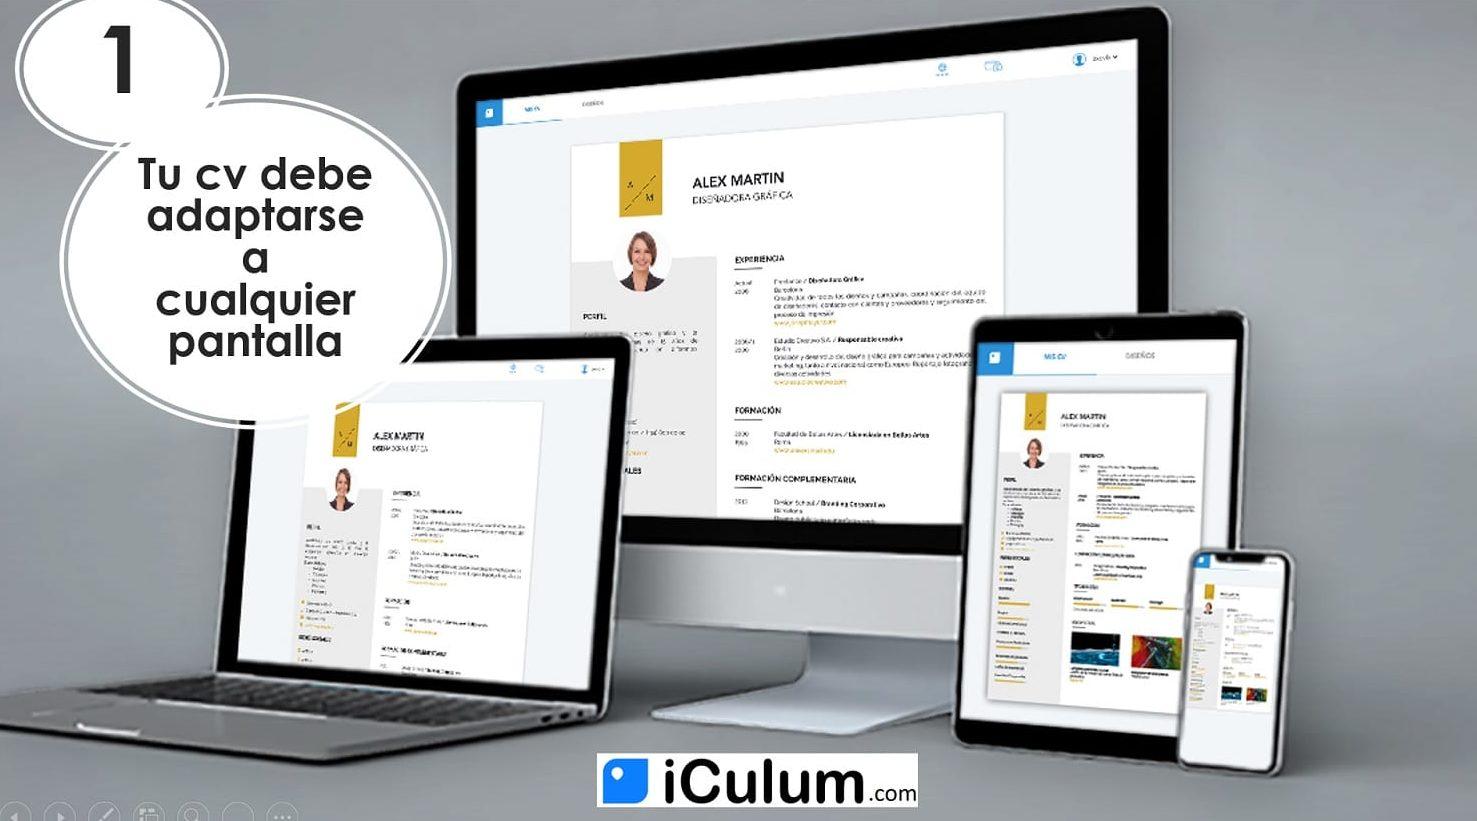 curriculum moderno cv adaptado a cualquier pantalla